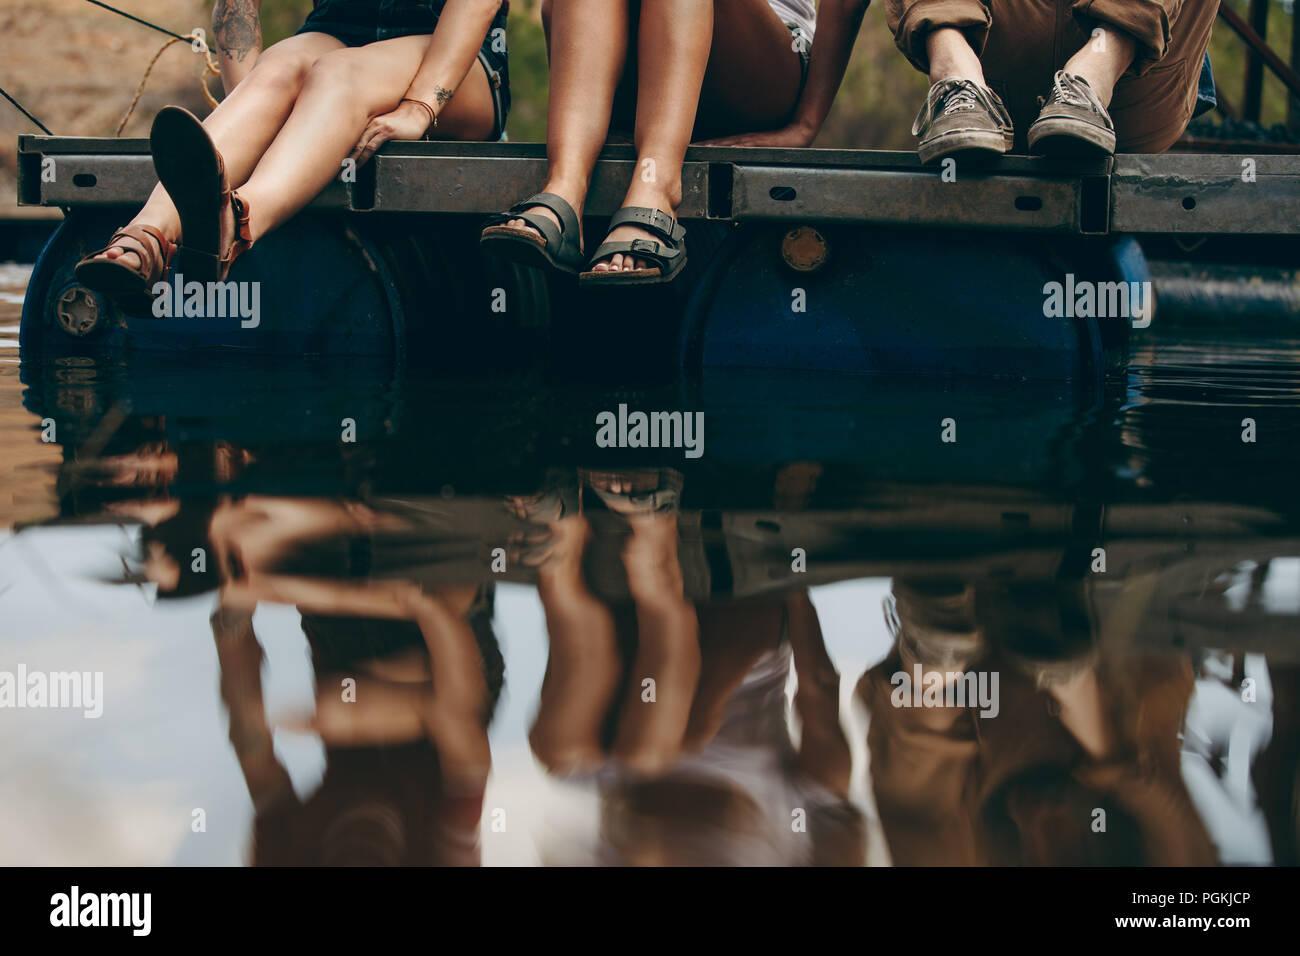 Freunde auf einen Urlaub zusammen sitzen auf einem schwimmdock aus Kunststoff Fässer. Freunde sitzen in der Nähe von Lake mit ihrem Spiegelbild im Wasser. Stockbild